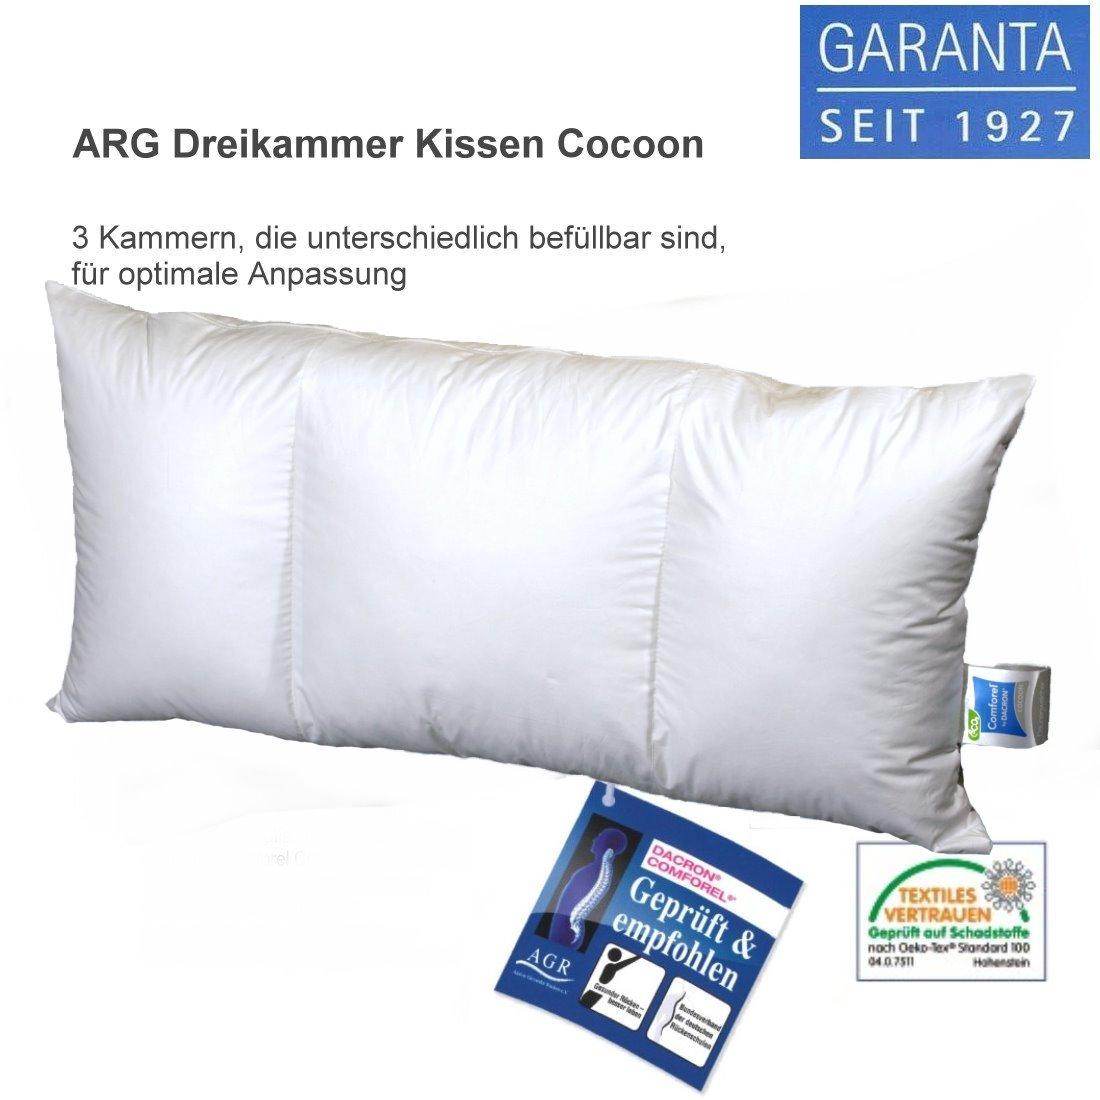 Full Size of Cocoon Modulküche Lyocell Tencel Bettdecken Cashmere Kombi Steppbett 4 Ikea Holz Wohnzimmer Cocoon Modulküche